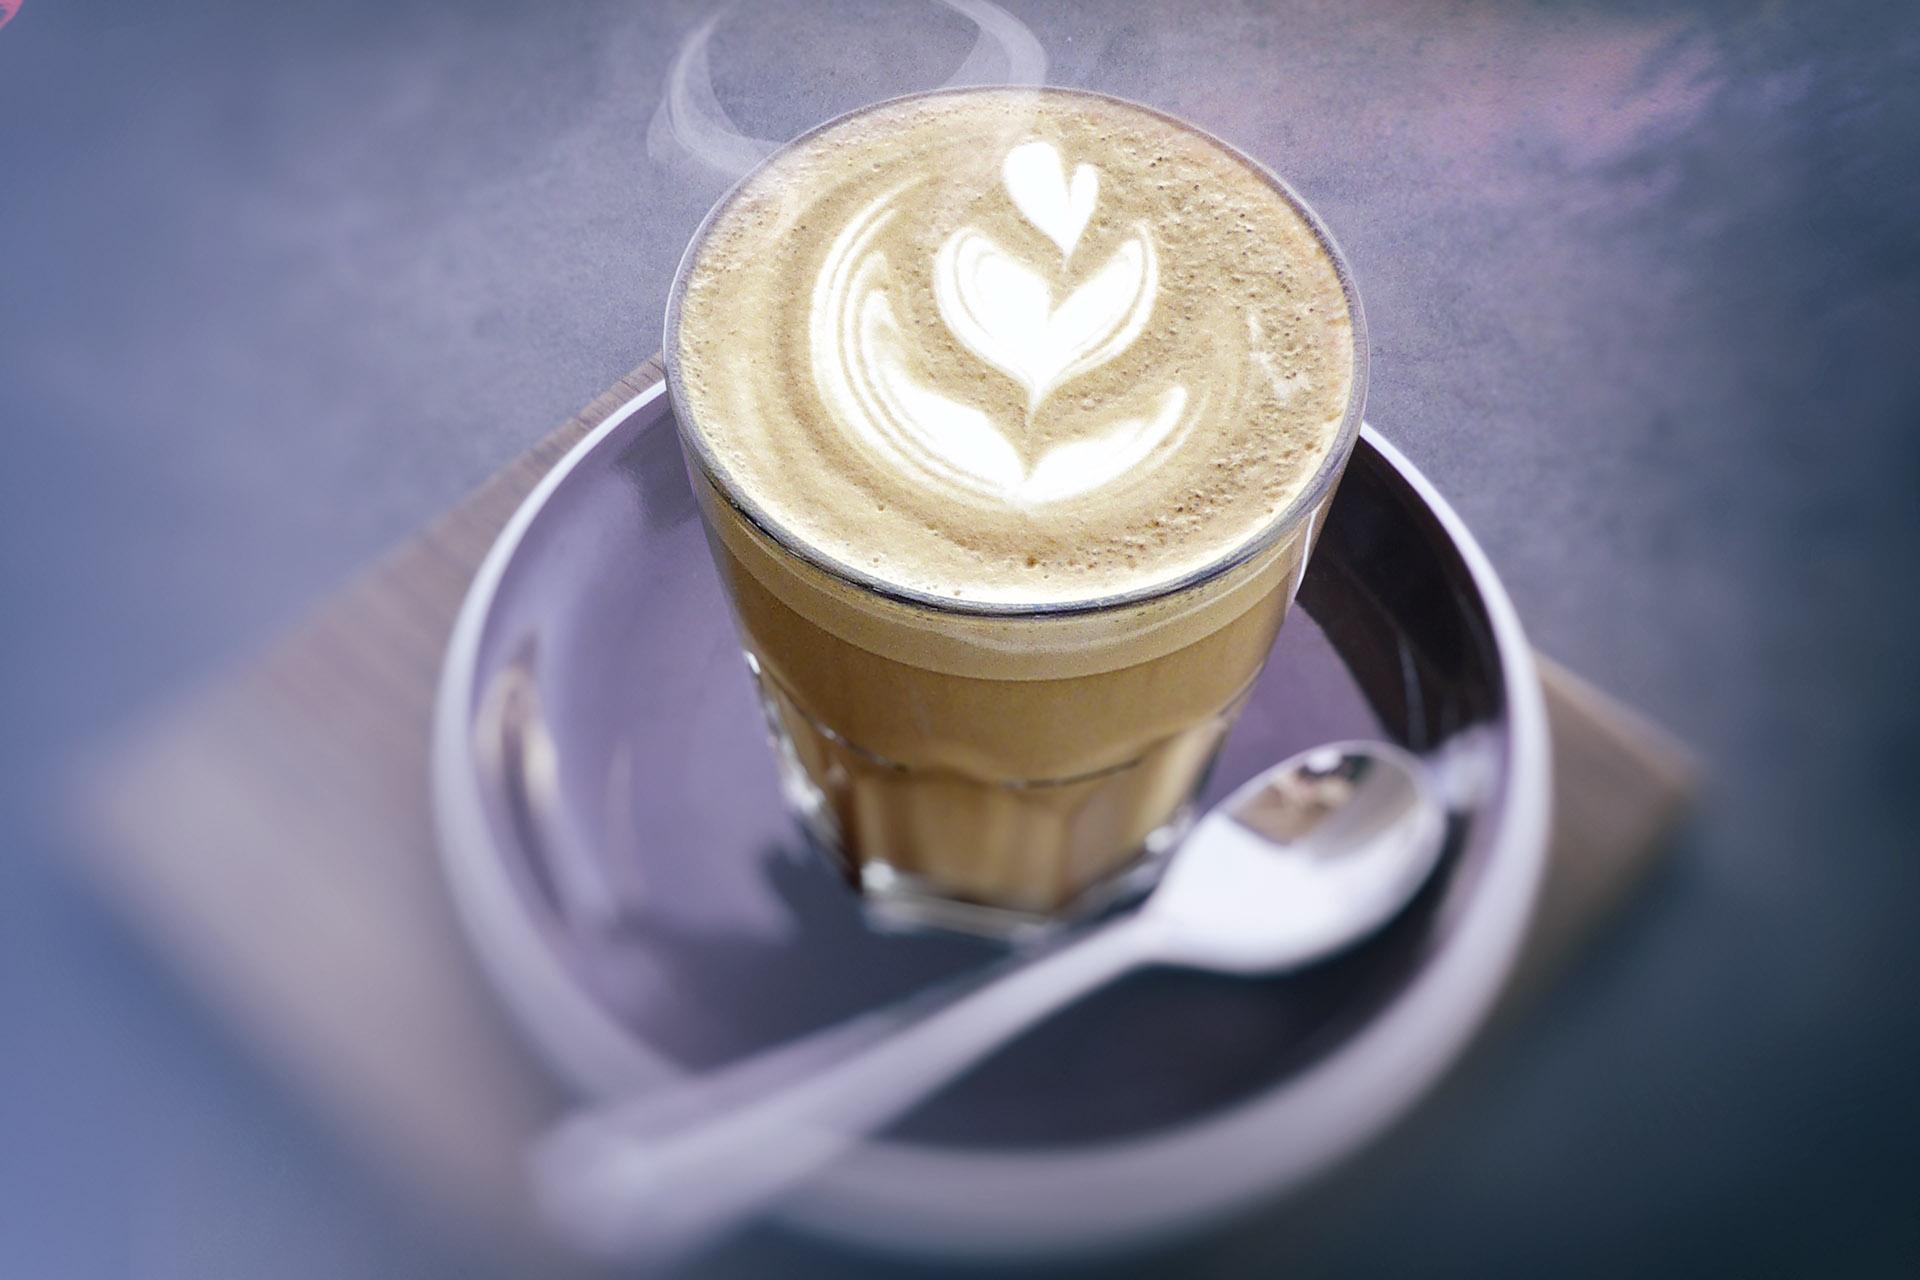 Kaffee Latte Bildbearbeitung nachher